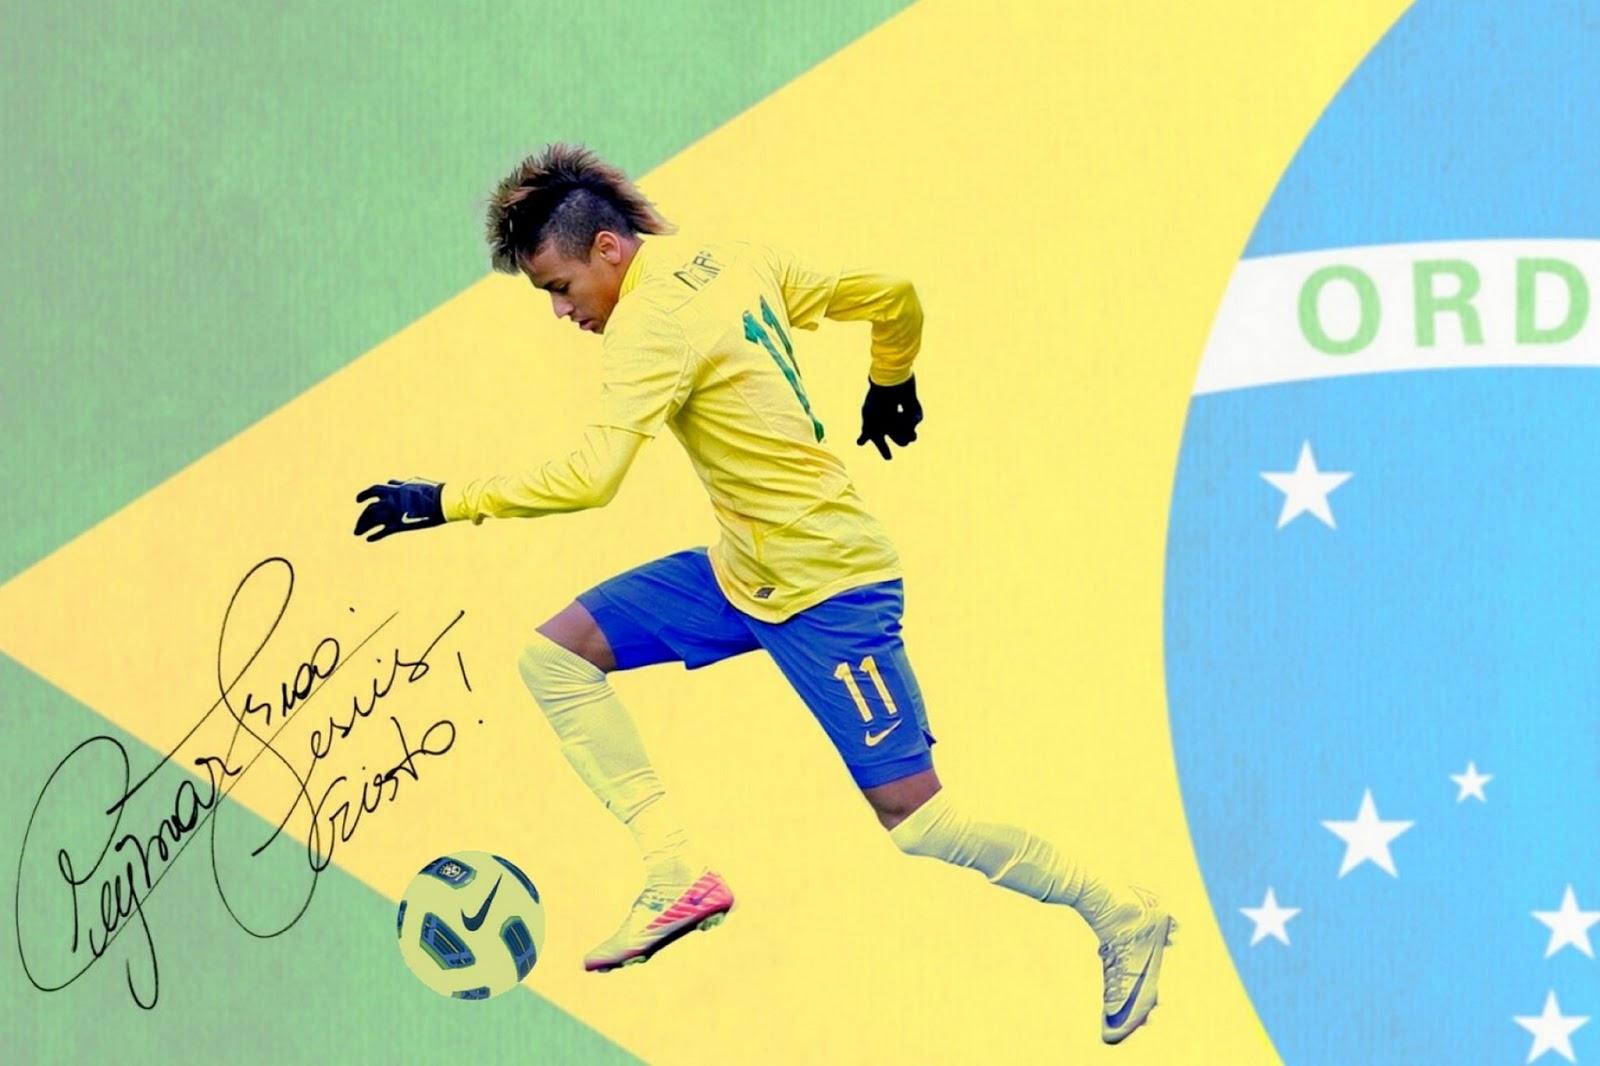 neymar da silva 2013 wallpapers all about football